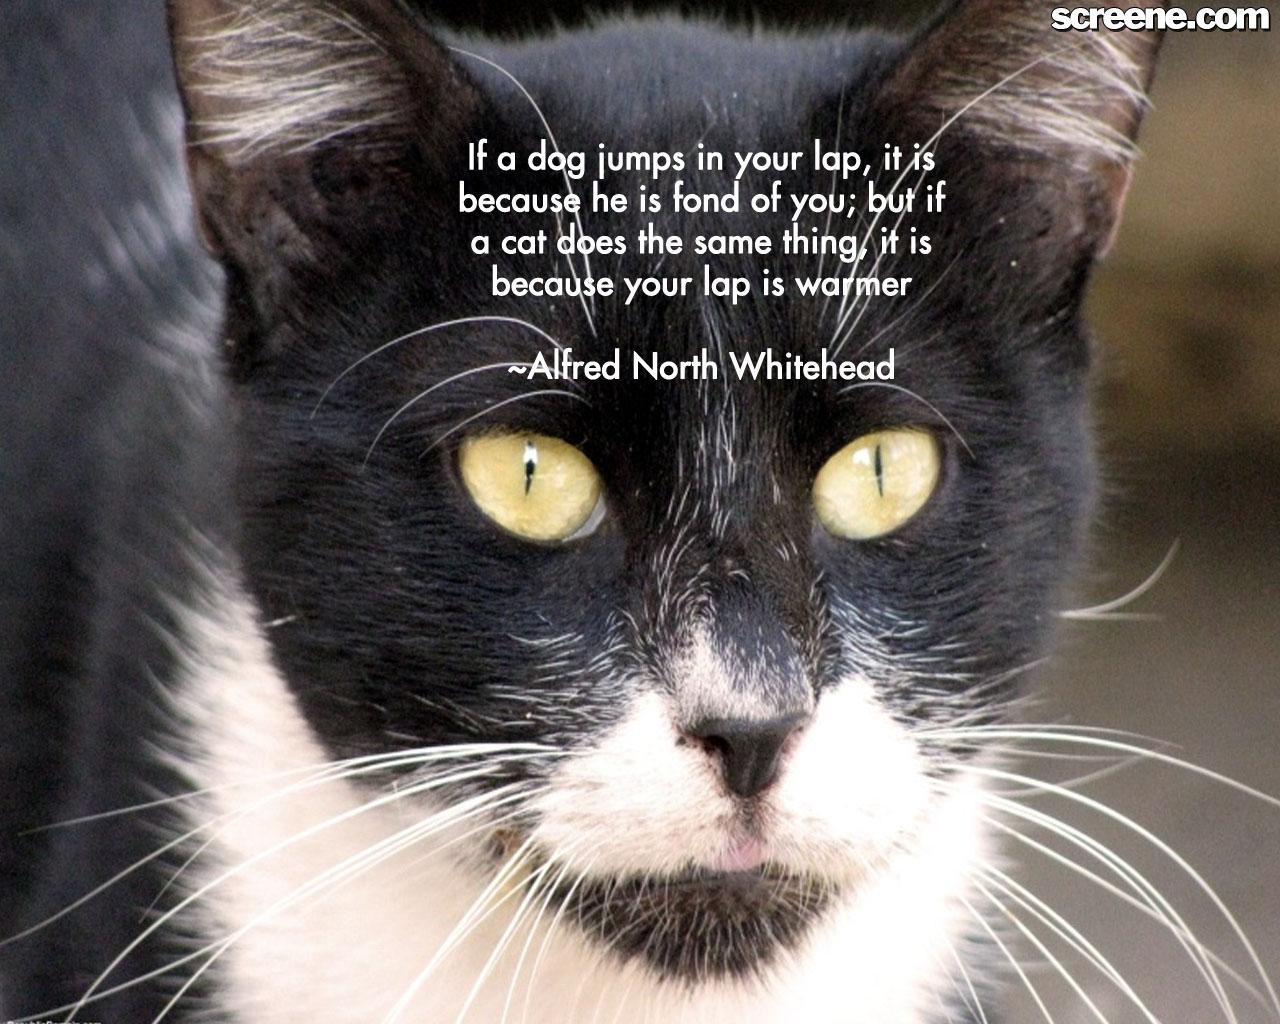 When A Dog Dies Quotes Quotesgram: Cat Death Quotes. QuotesGram